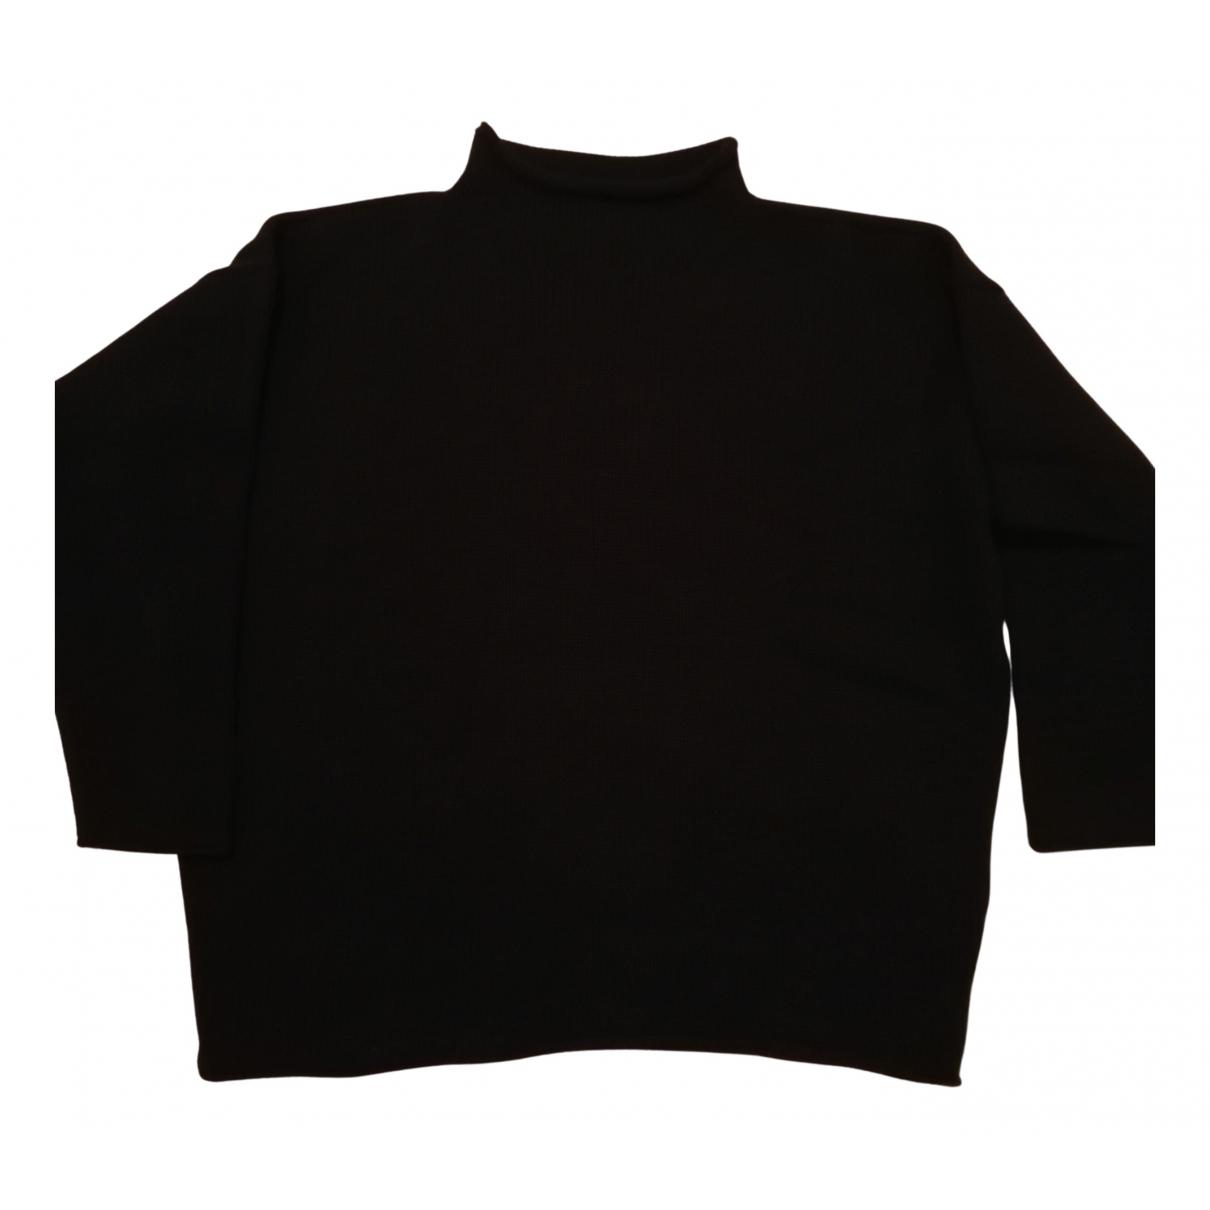 Maison Martin Margiela - Pulls.Gilets.Sweats   pour homme en laine - marron